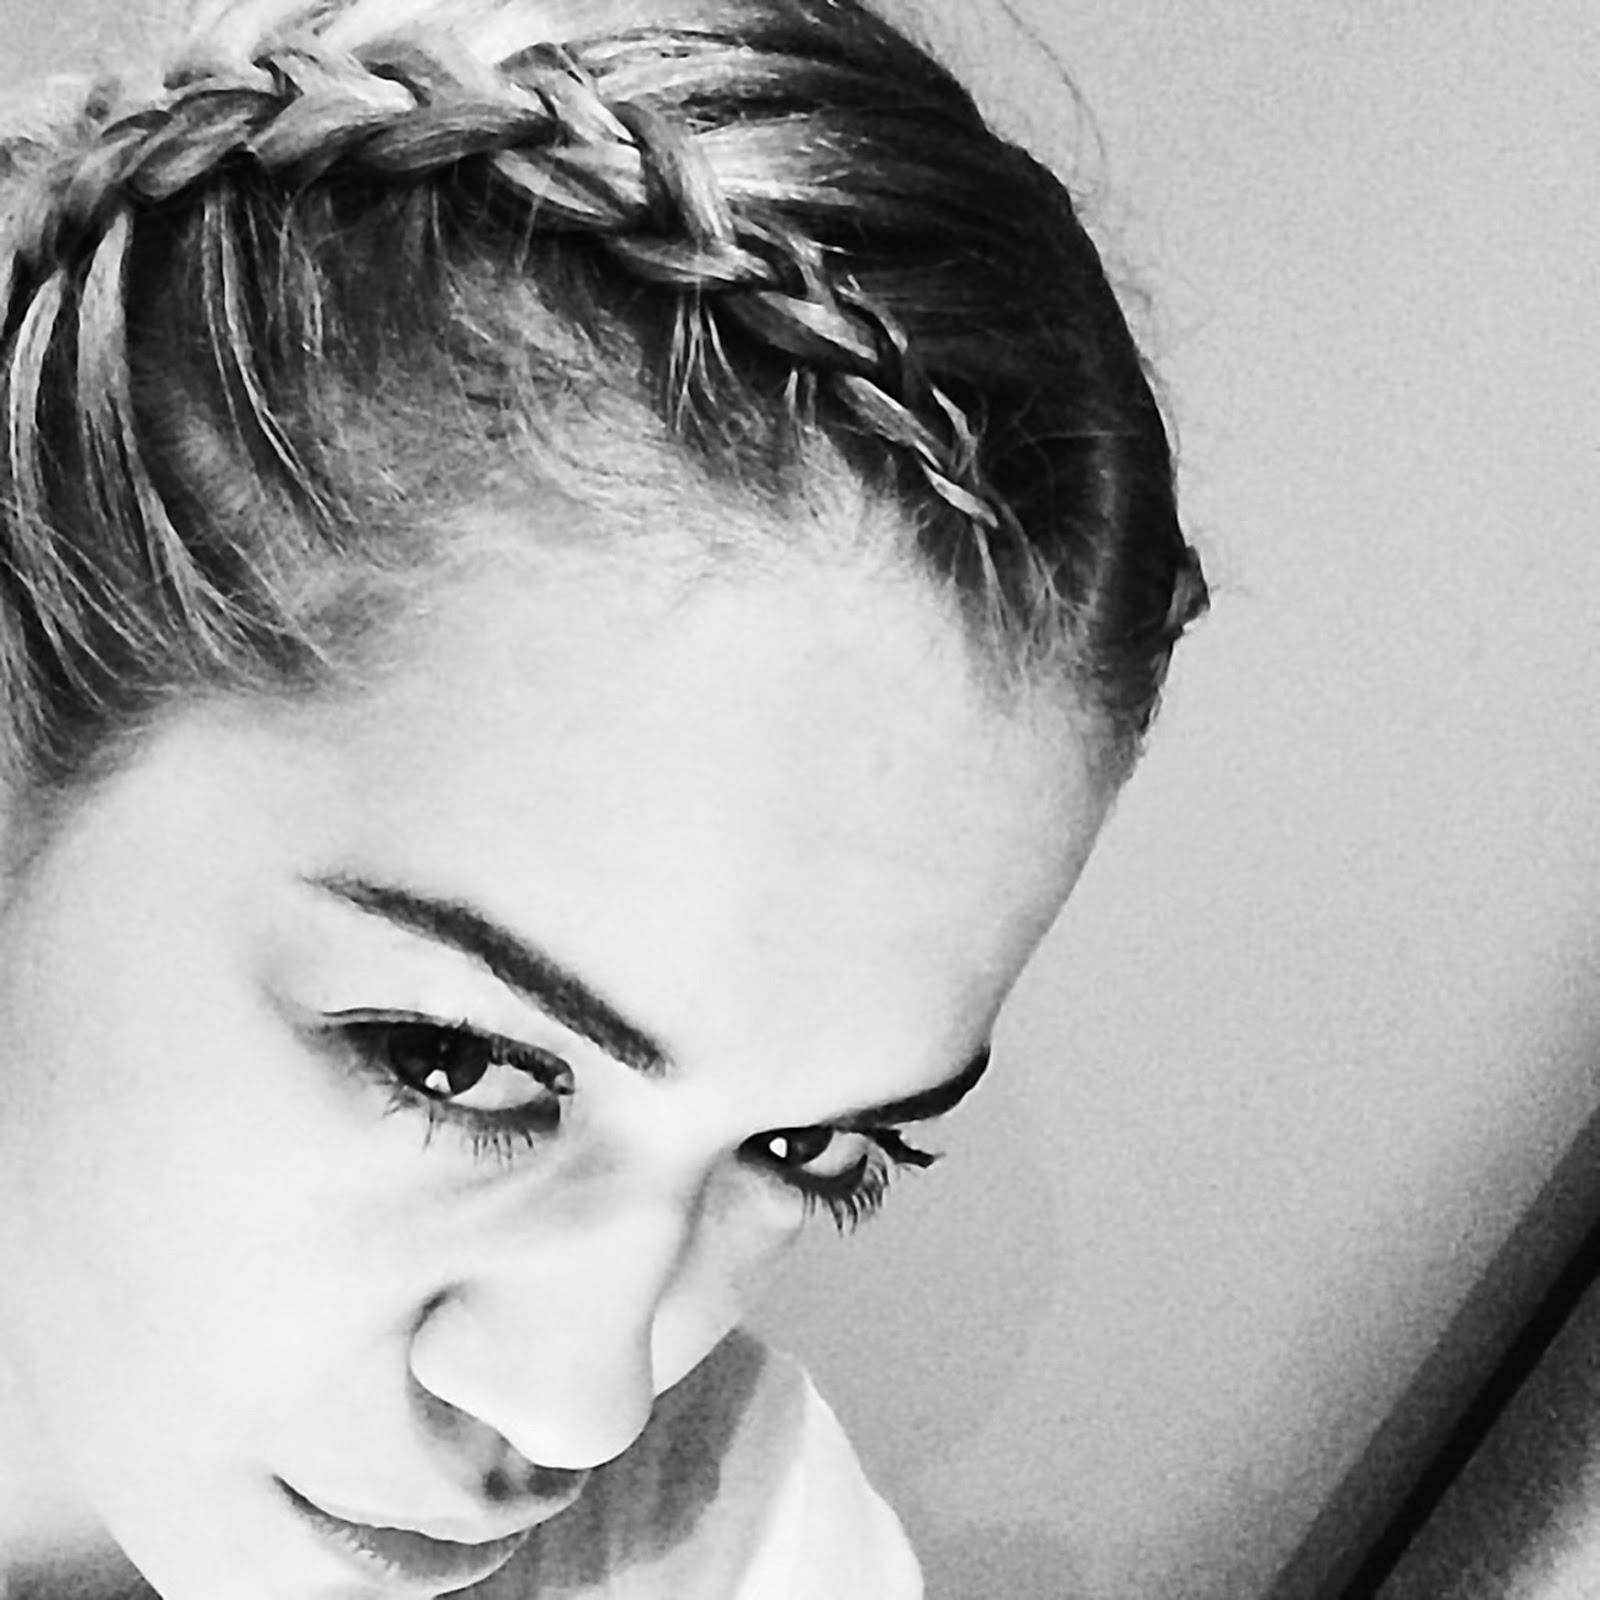 Nueva twipic de Rita Ora